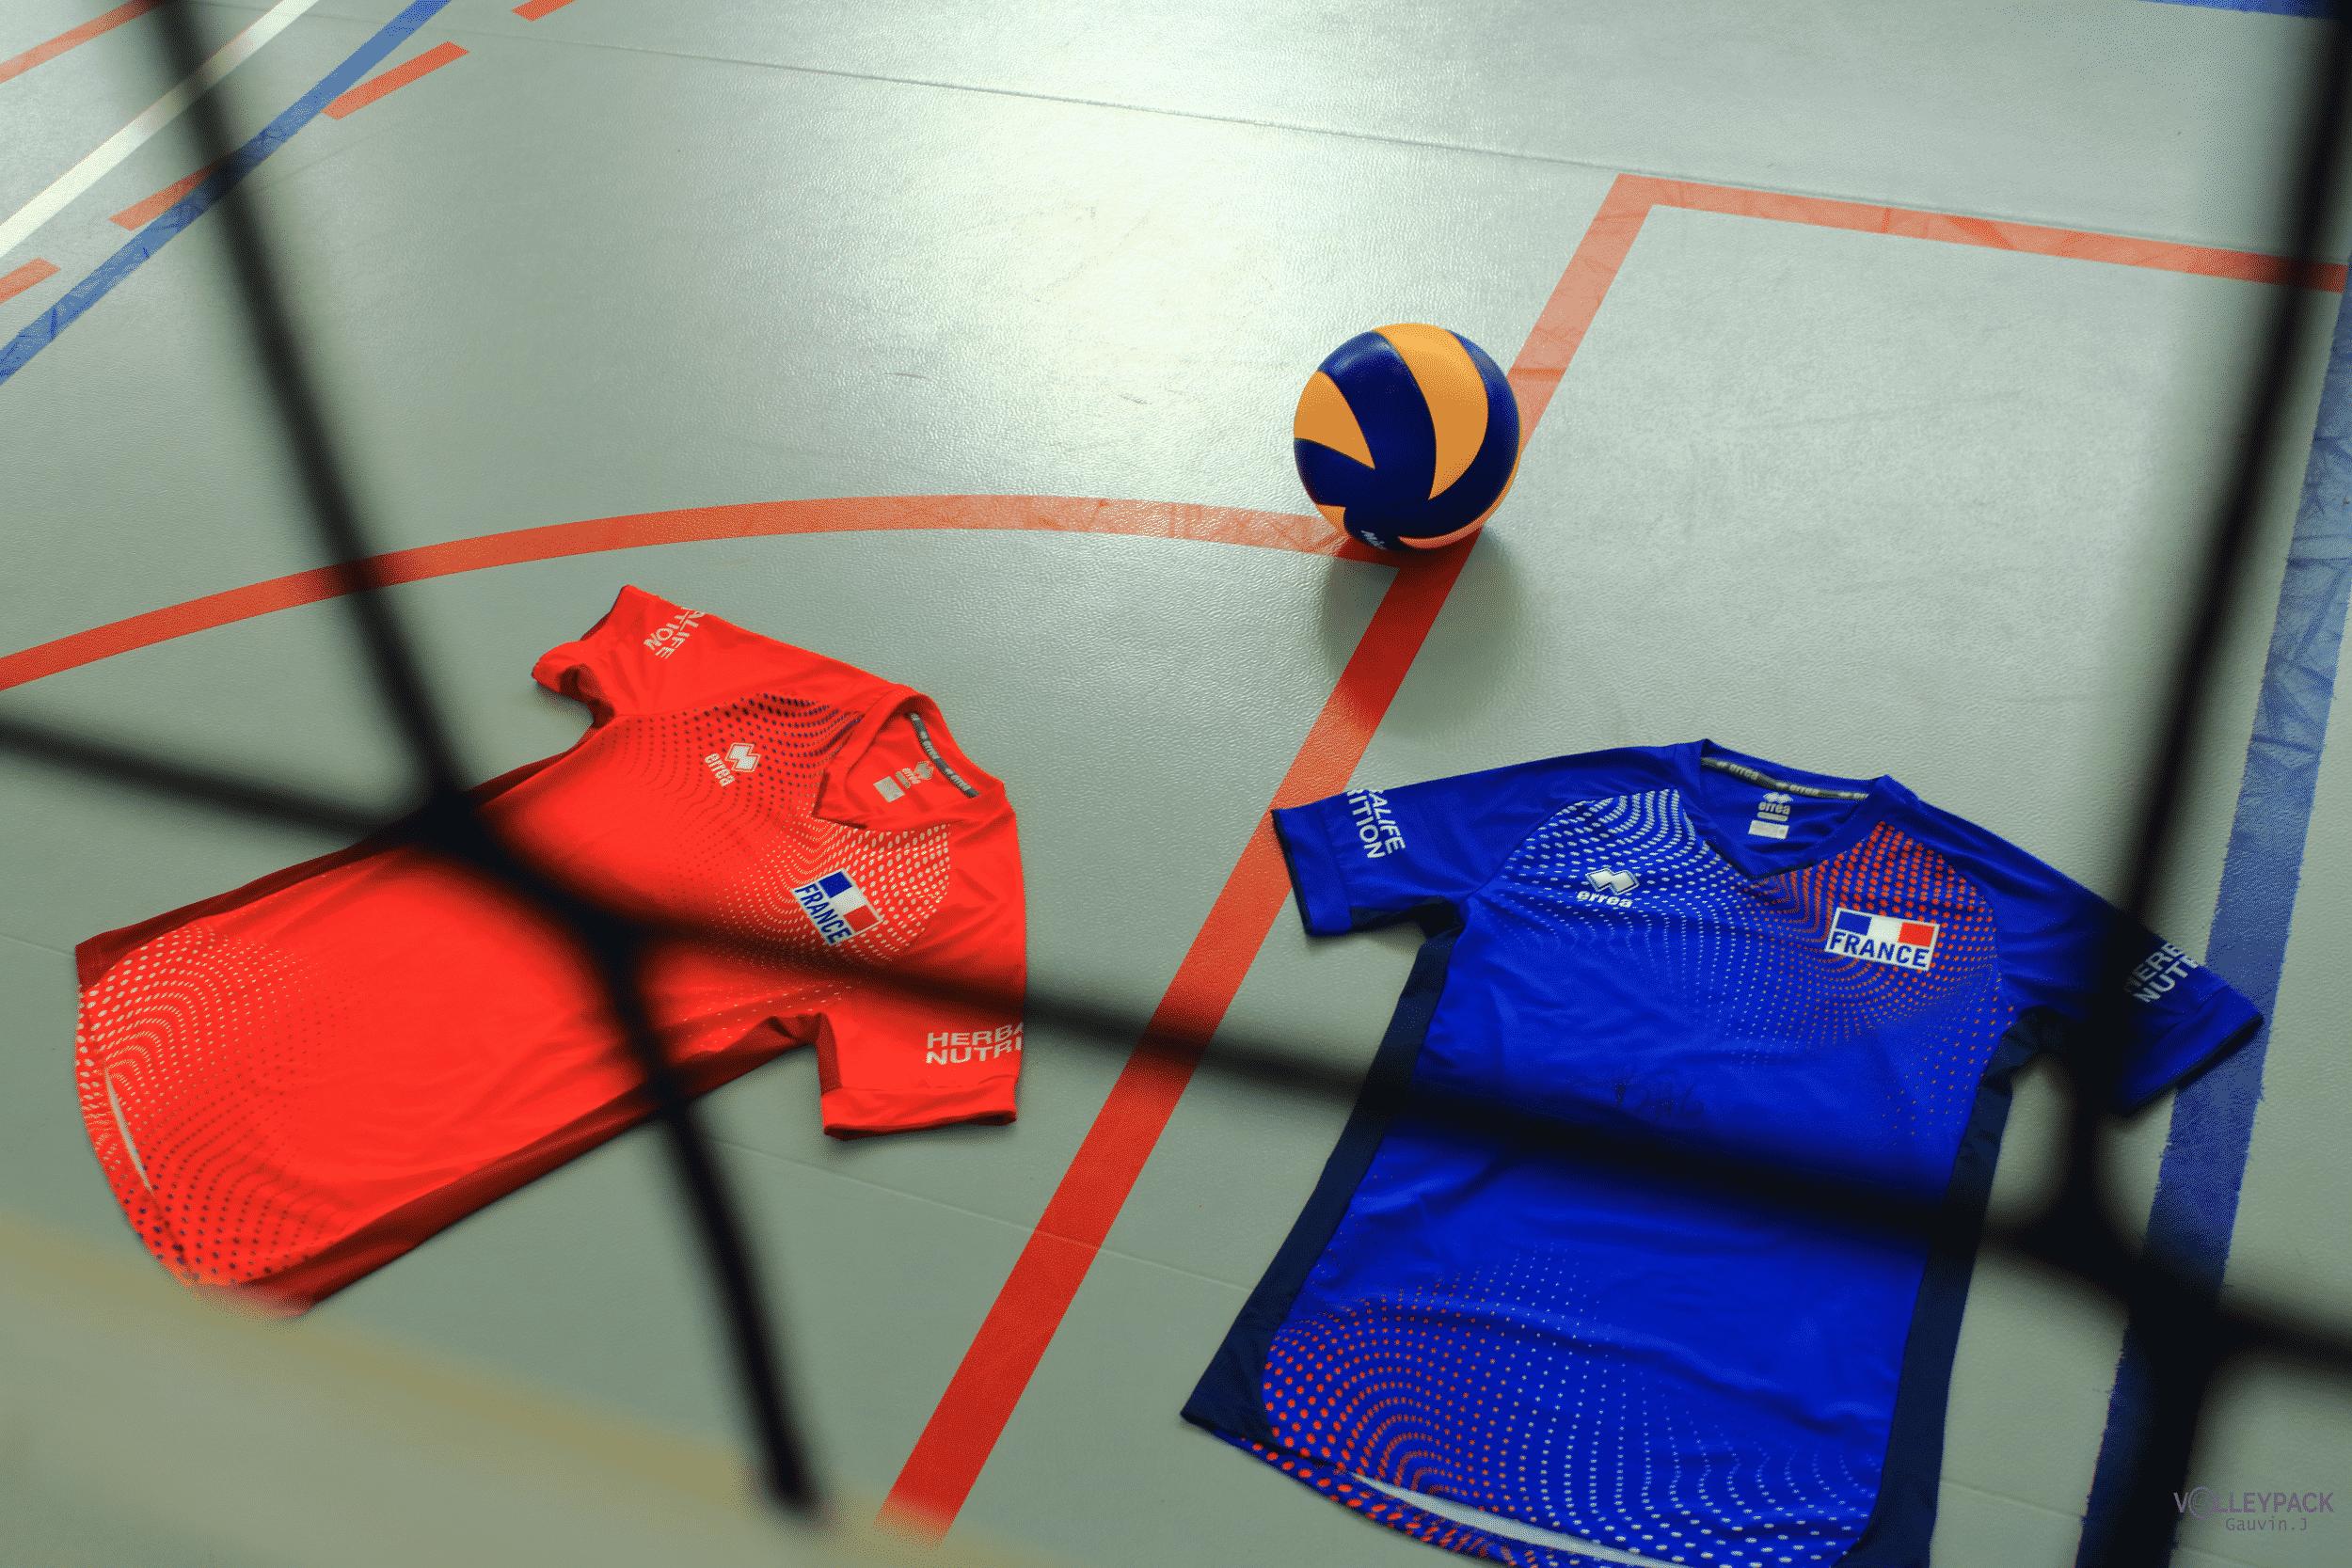 lacoste-ou-errea-quel-maillot-pour-lequipe-de-france-de-volley-aux-jo-2020-4